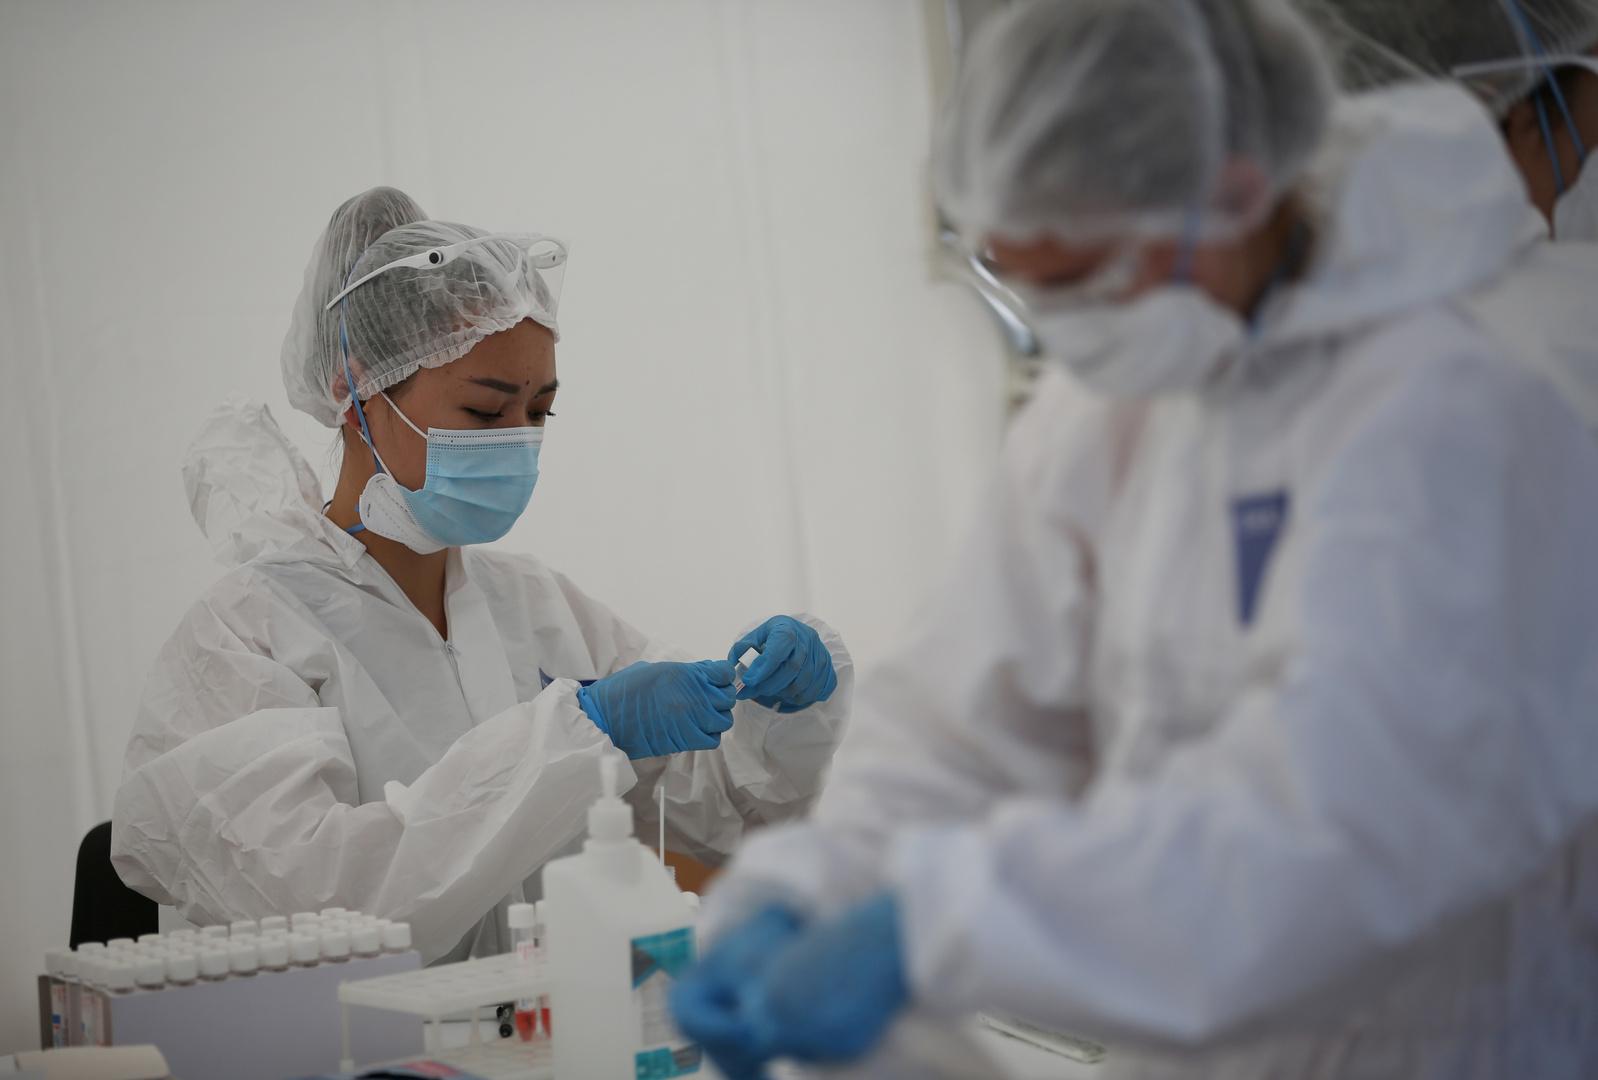 منظمة الصحة العالمية تتواصل مع كازاخستان على خلفية أنباء عن